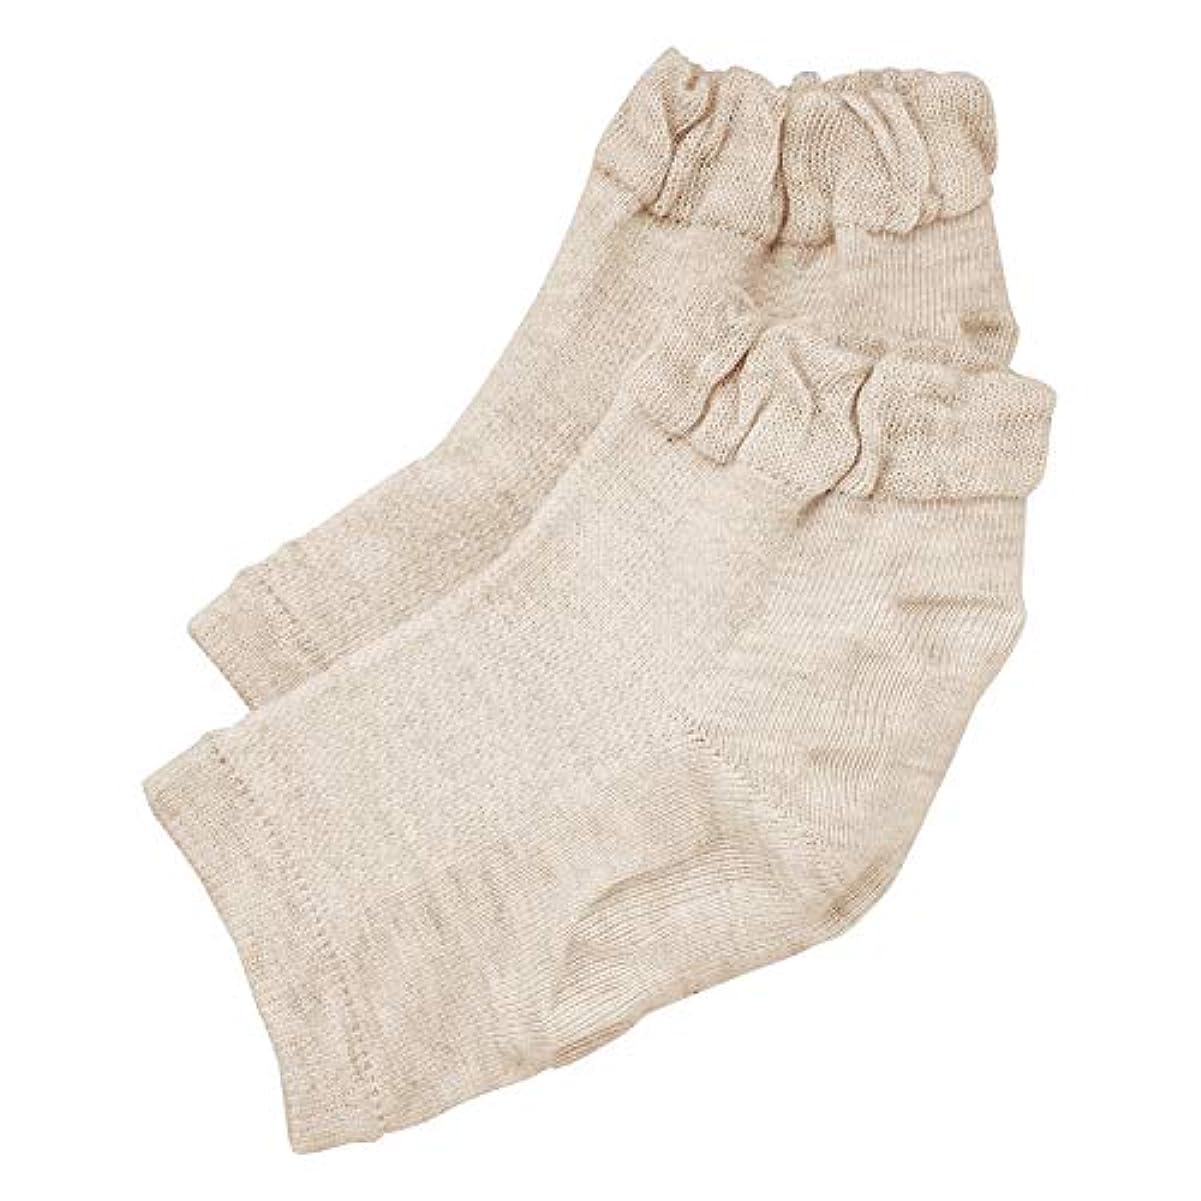 心臓皿少数履き口ゆったりかかとつるり ケア 靴下 ガサガサ 保湿